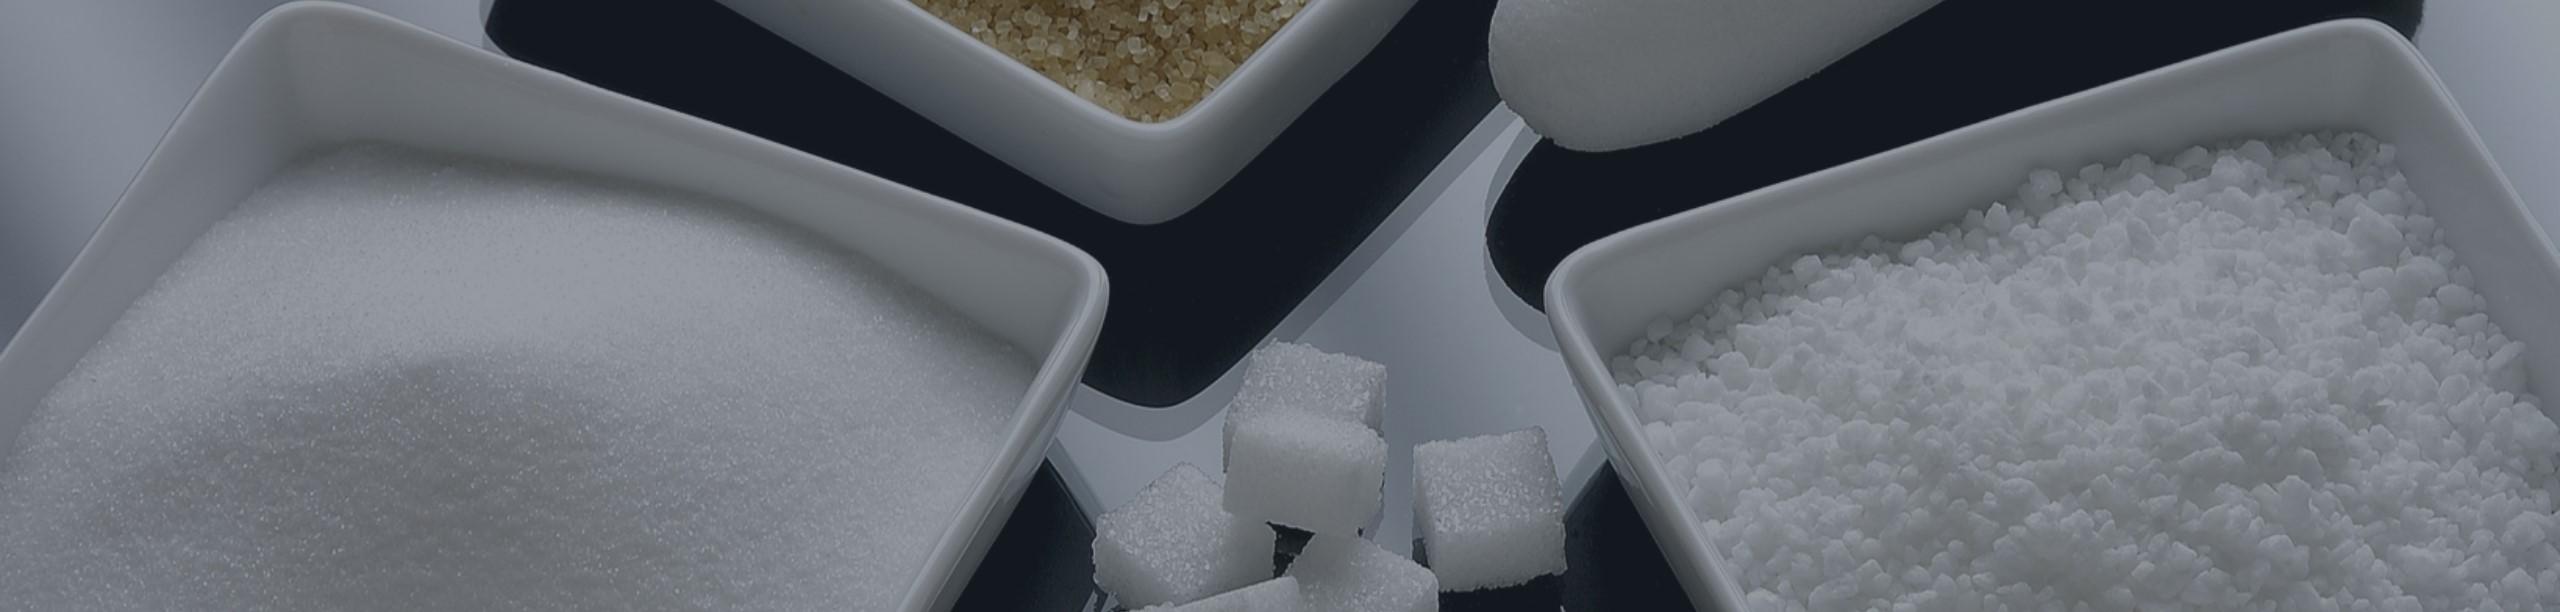 Sugar1-6